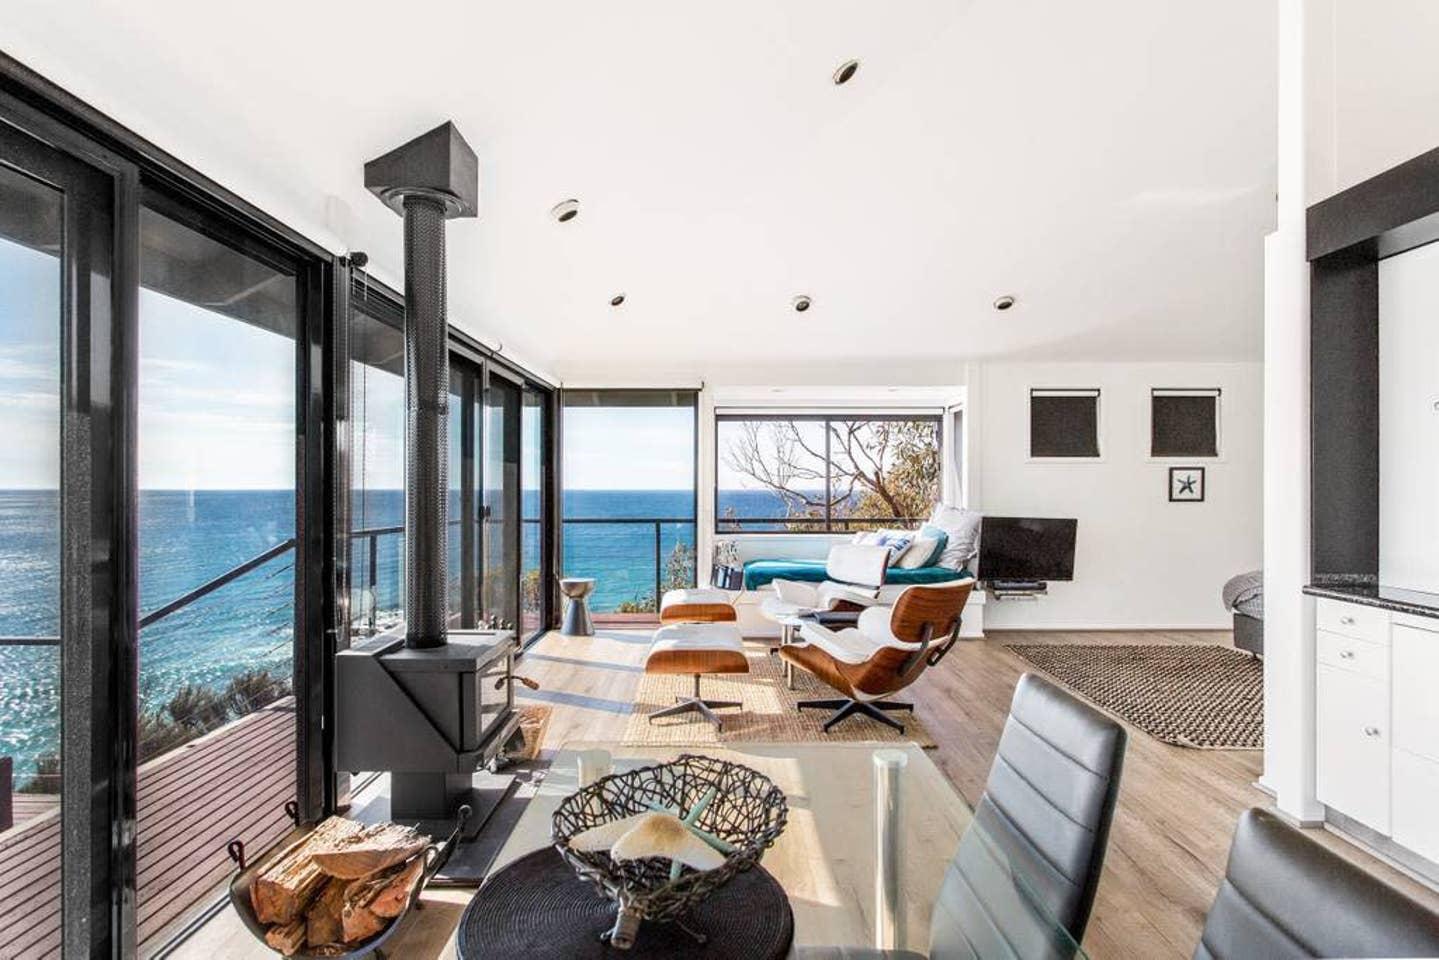 ocean view airbnb